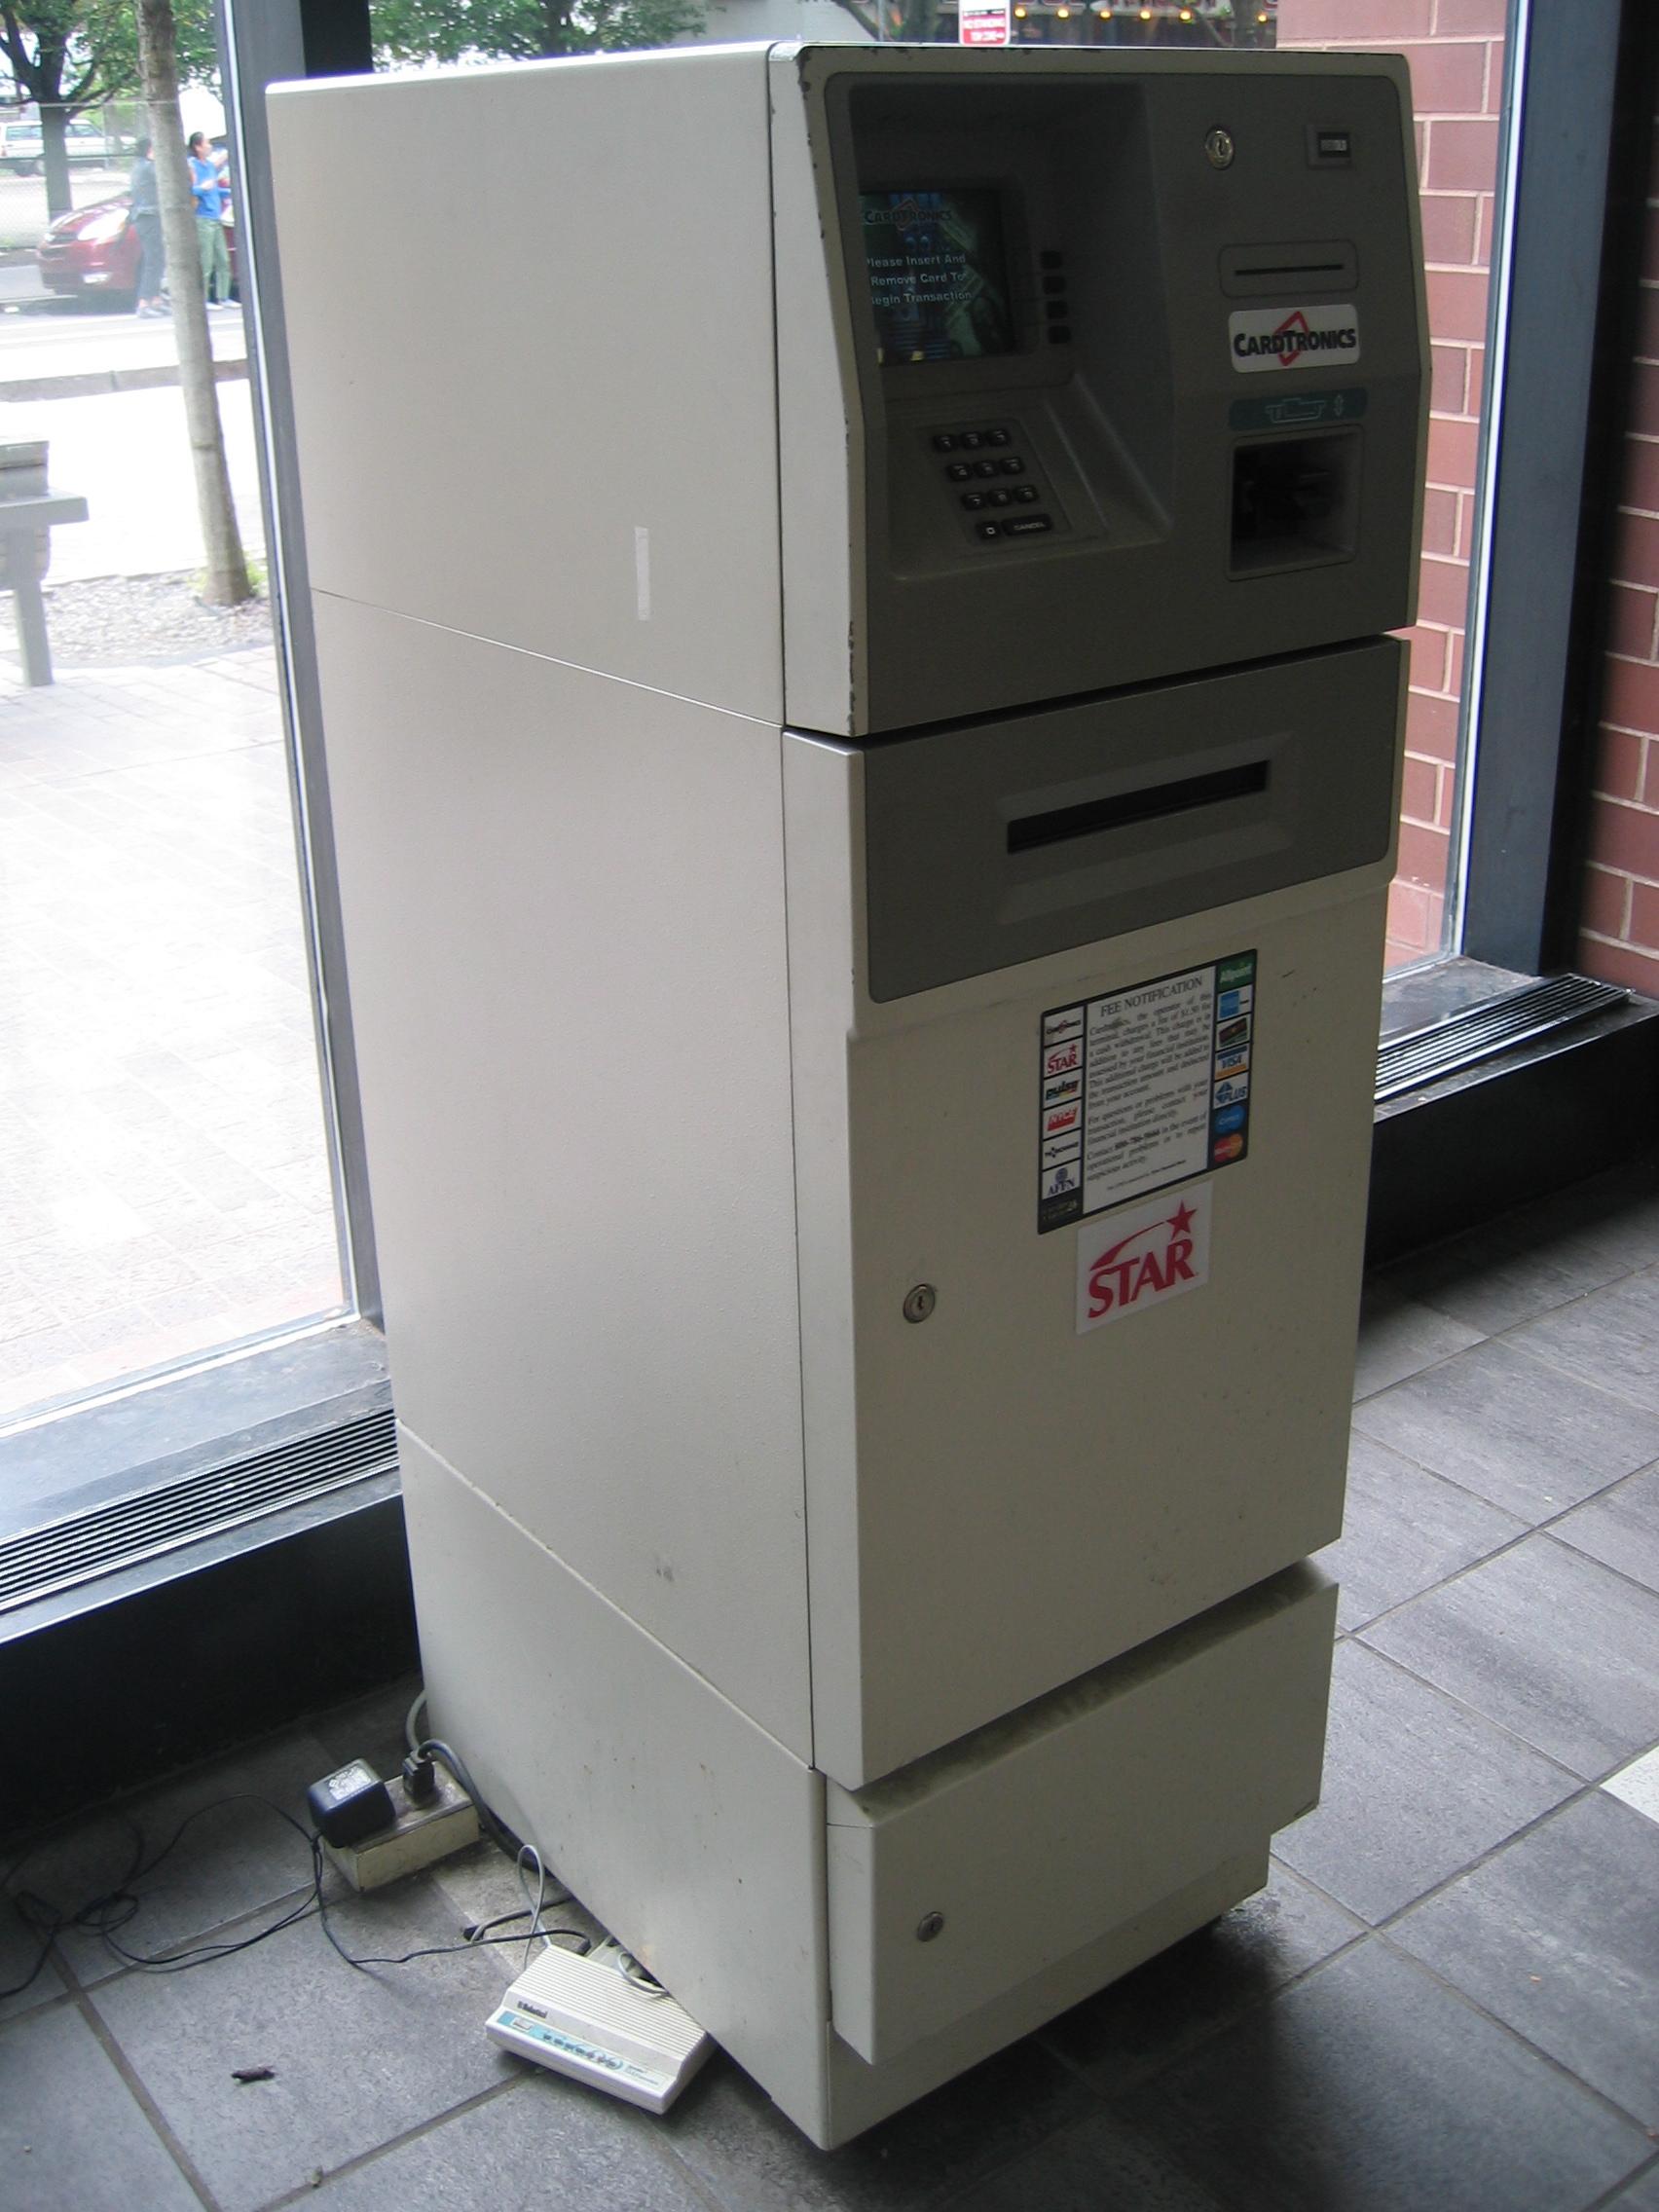 use case diagram vending machine camper wiring diebold wiki and review everipedia